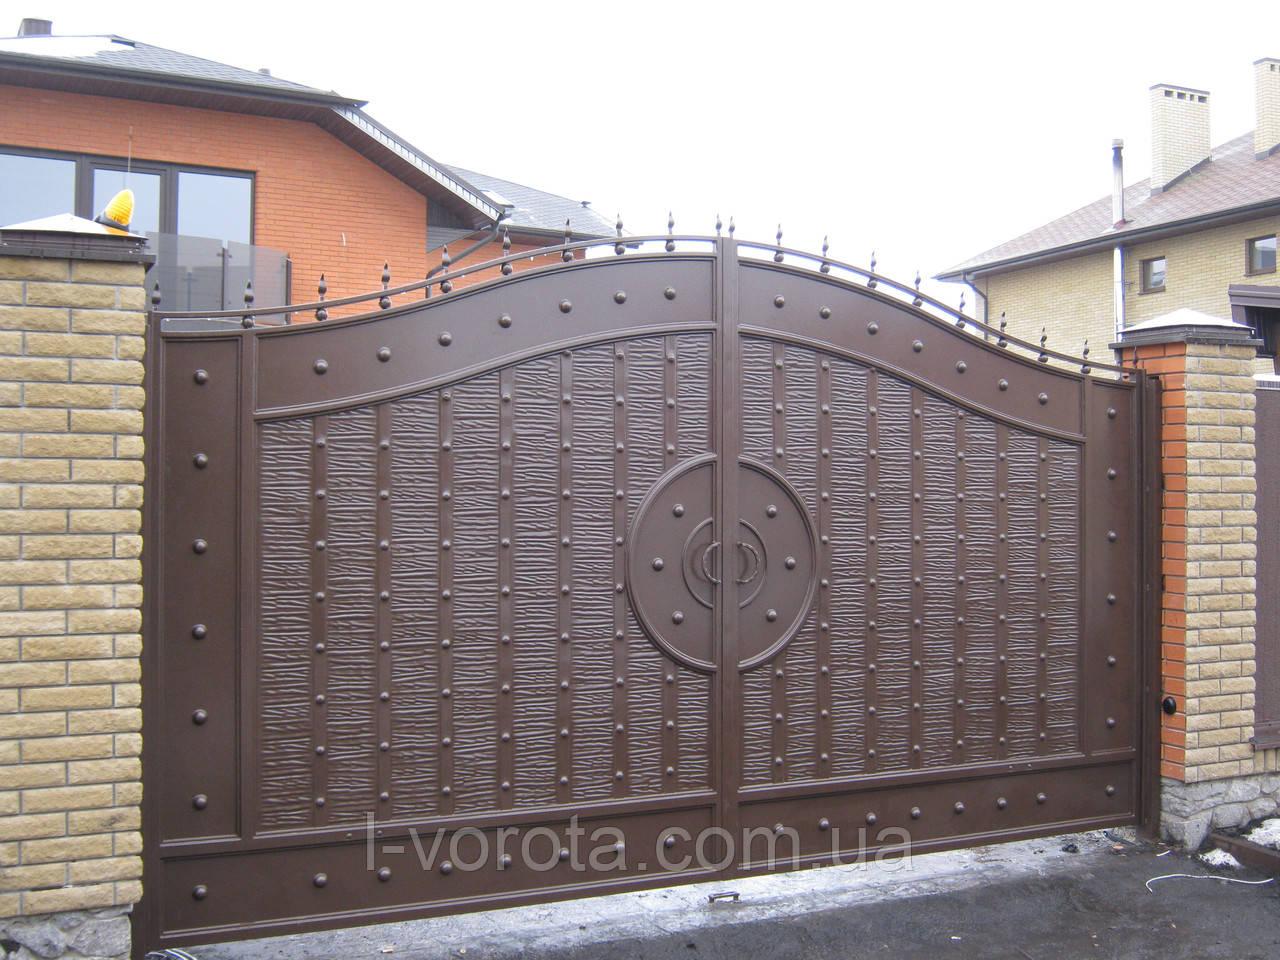 Распашные автоматические металлические ворота с рельефным декором (эффект жатки) ш3900, в2000